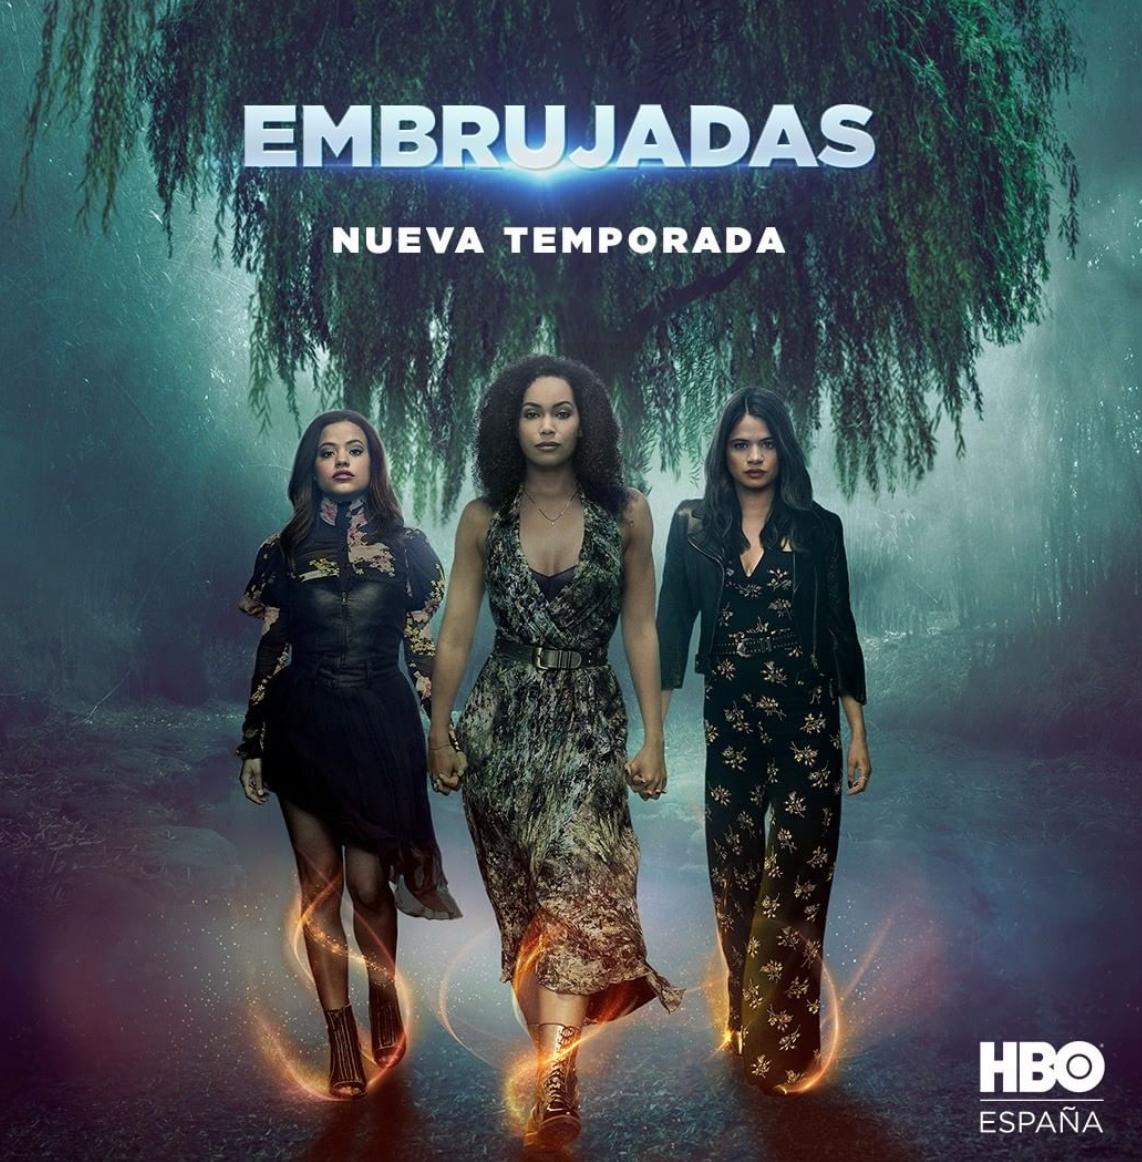 """La nueva temporada de """"Embrujadas"""" se estrena esta semana en HBO."""